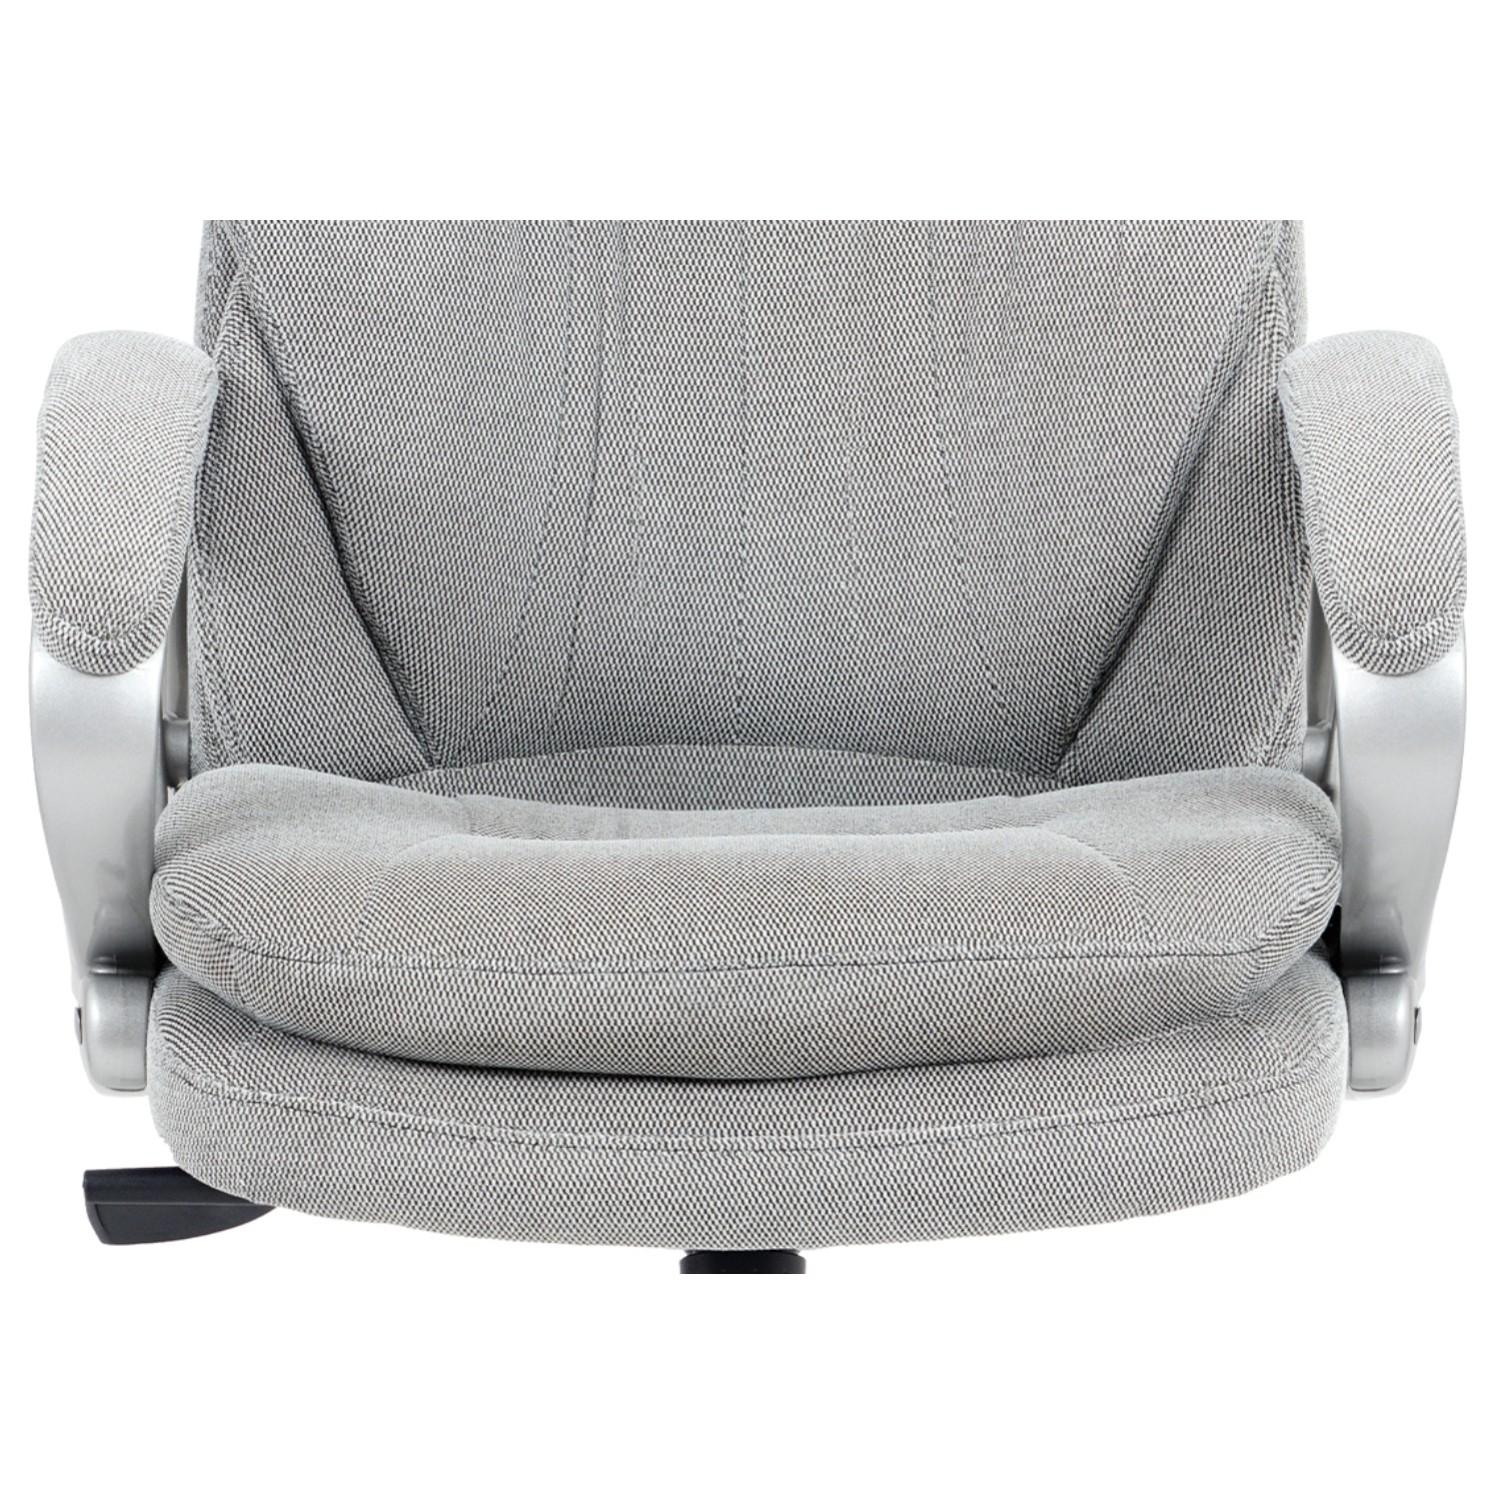 Sconto Kancelárska stolička ESTEBAN sivá Elegantné kancelárske kreslo ESTEBAN s hojdacím mechanizmom v sivej látke so striebornosivou konštrukciou.